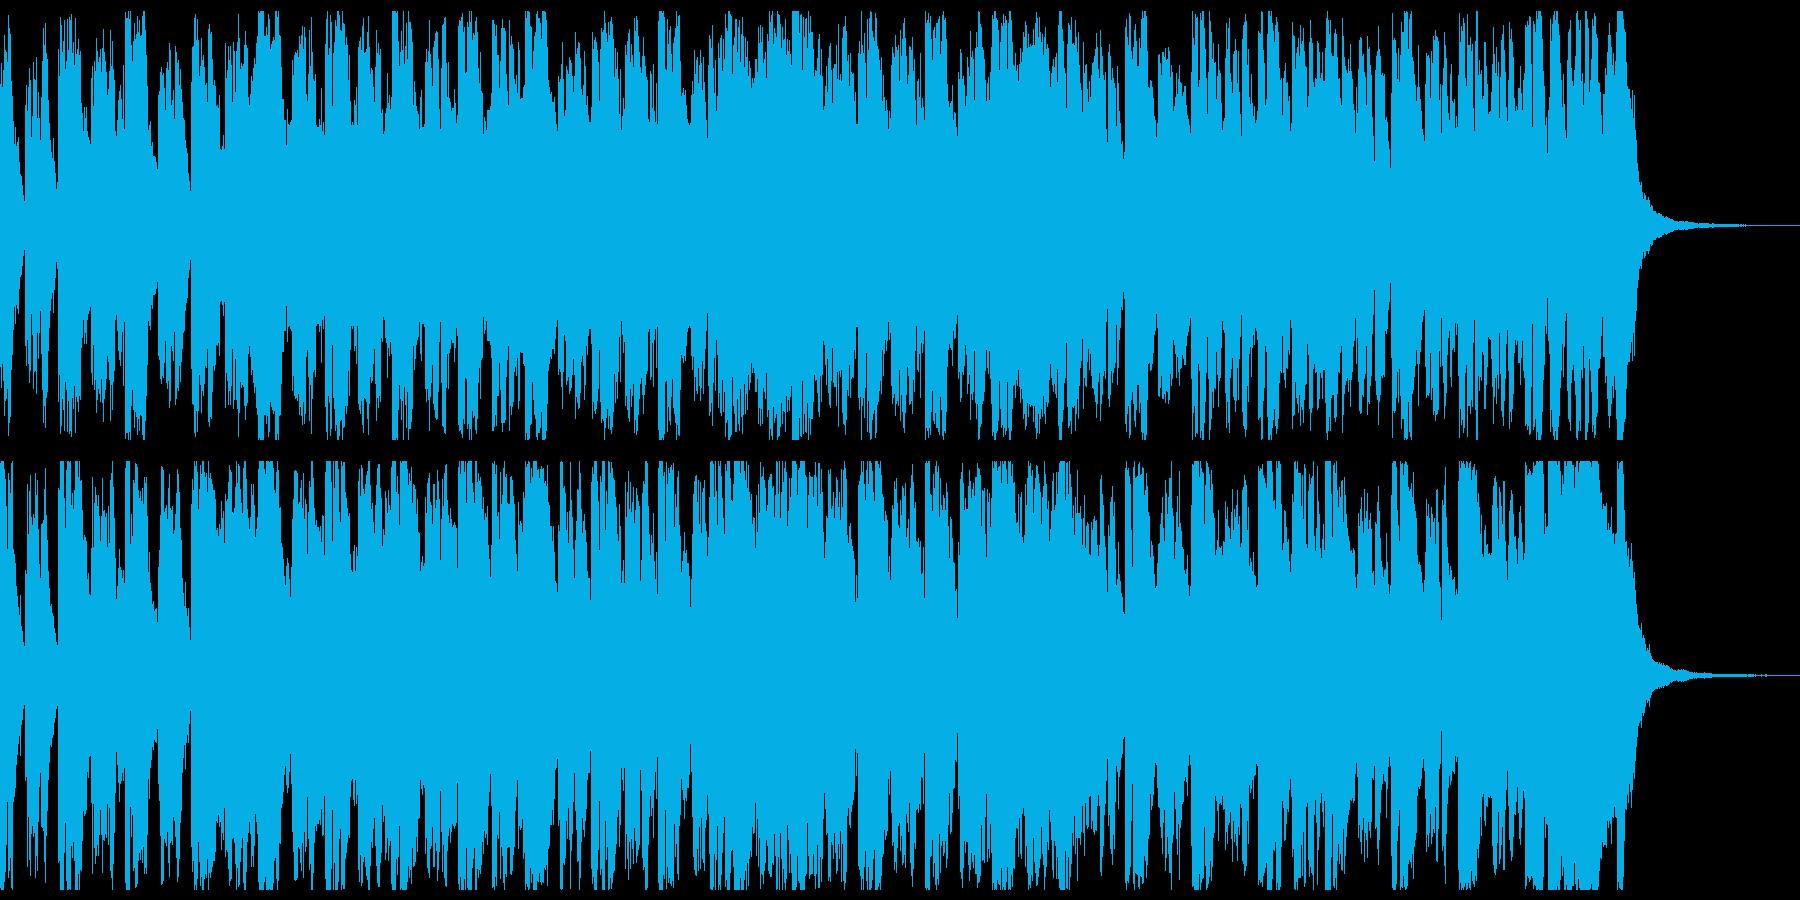 行進曲風オーケストラ 約55秒 メロ抜きの再生済みの波形